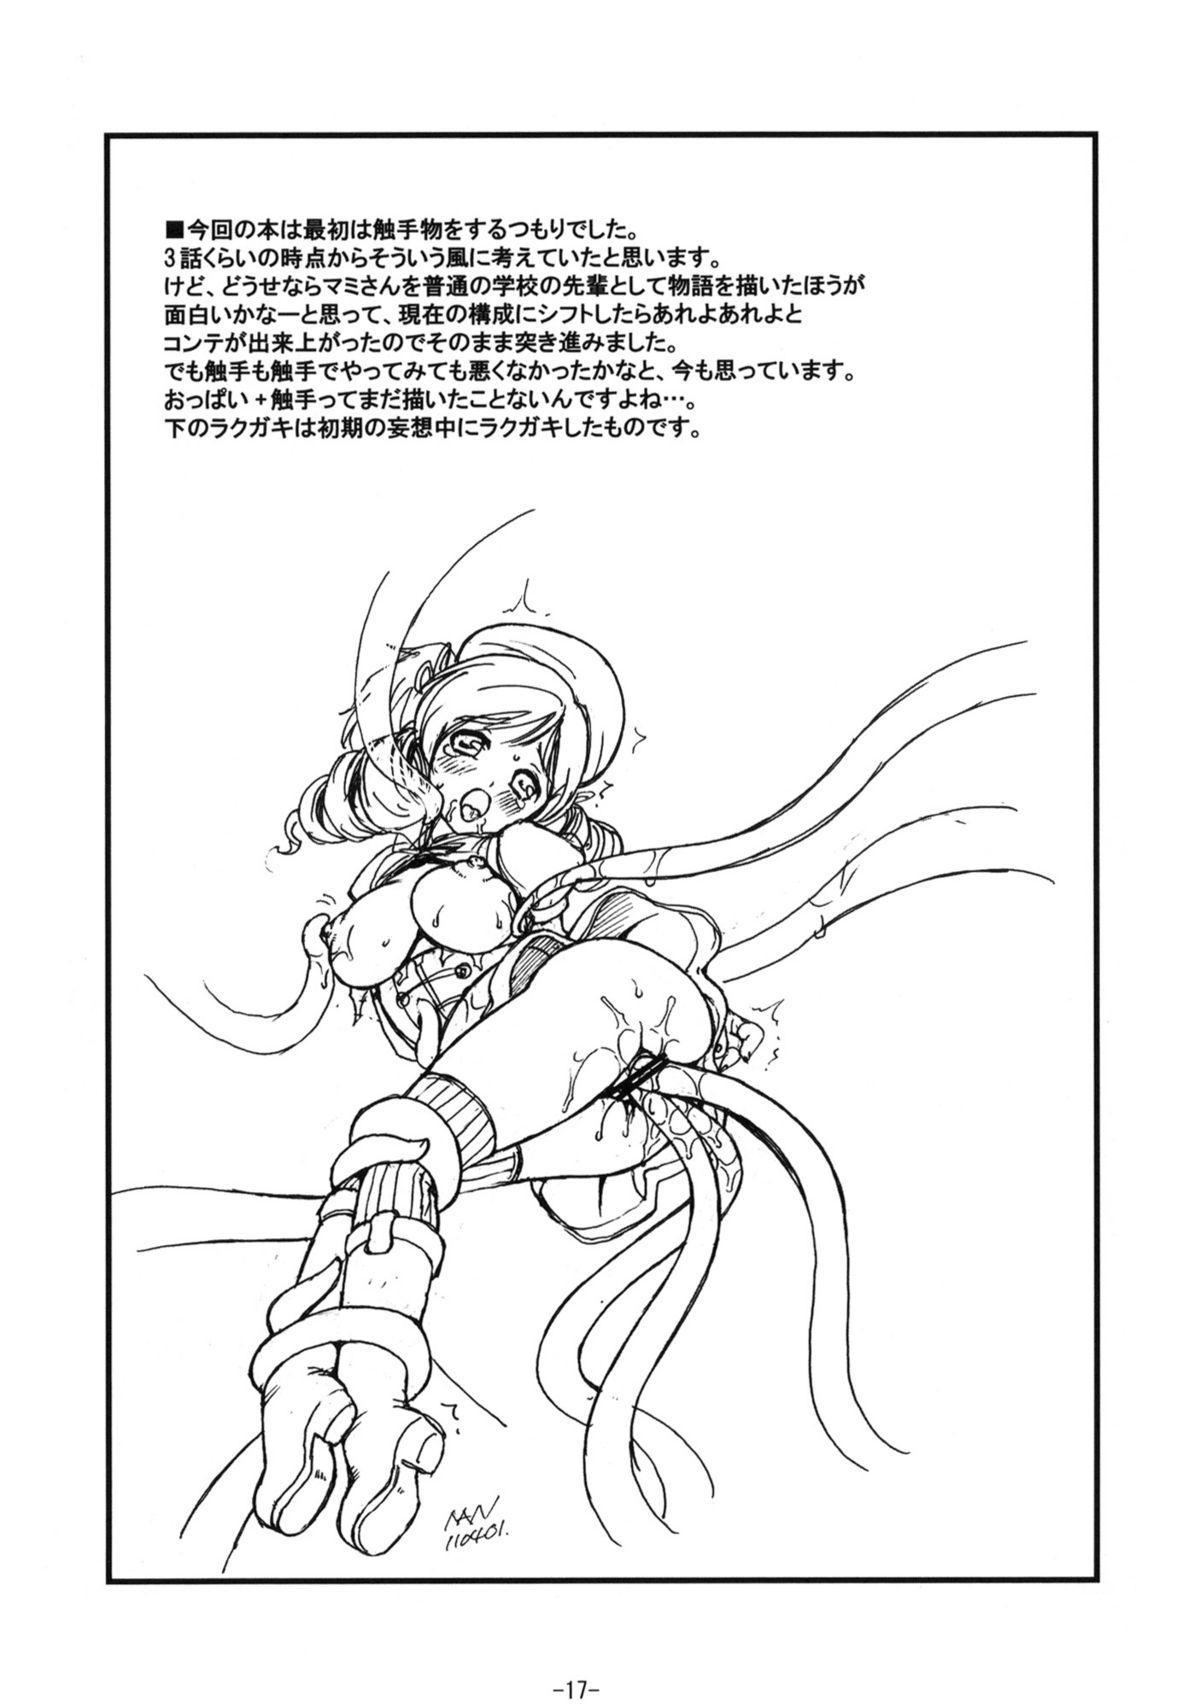 Kyoukoso Mami-san no Pansuto Yaburitai + Paper 18